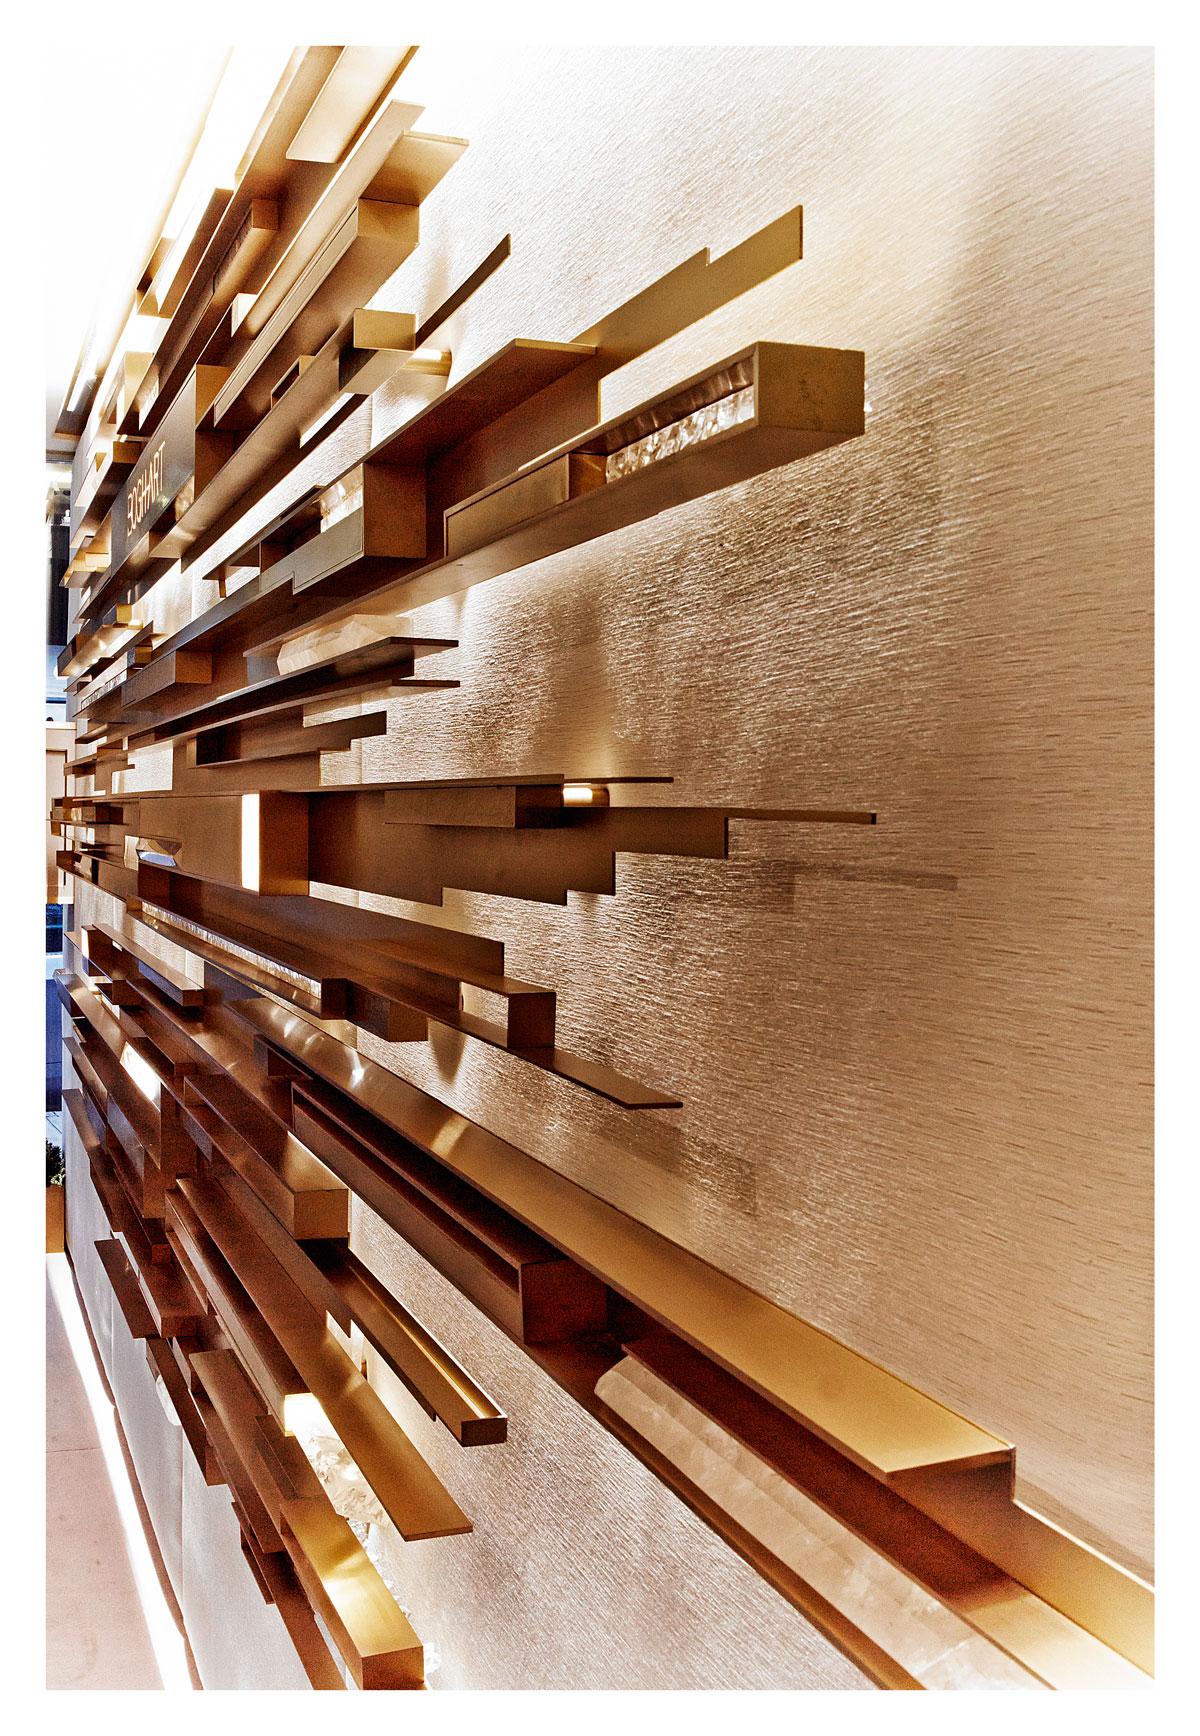 Serge-castella-interiors-boutique-06